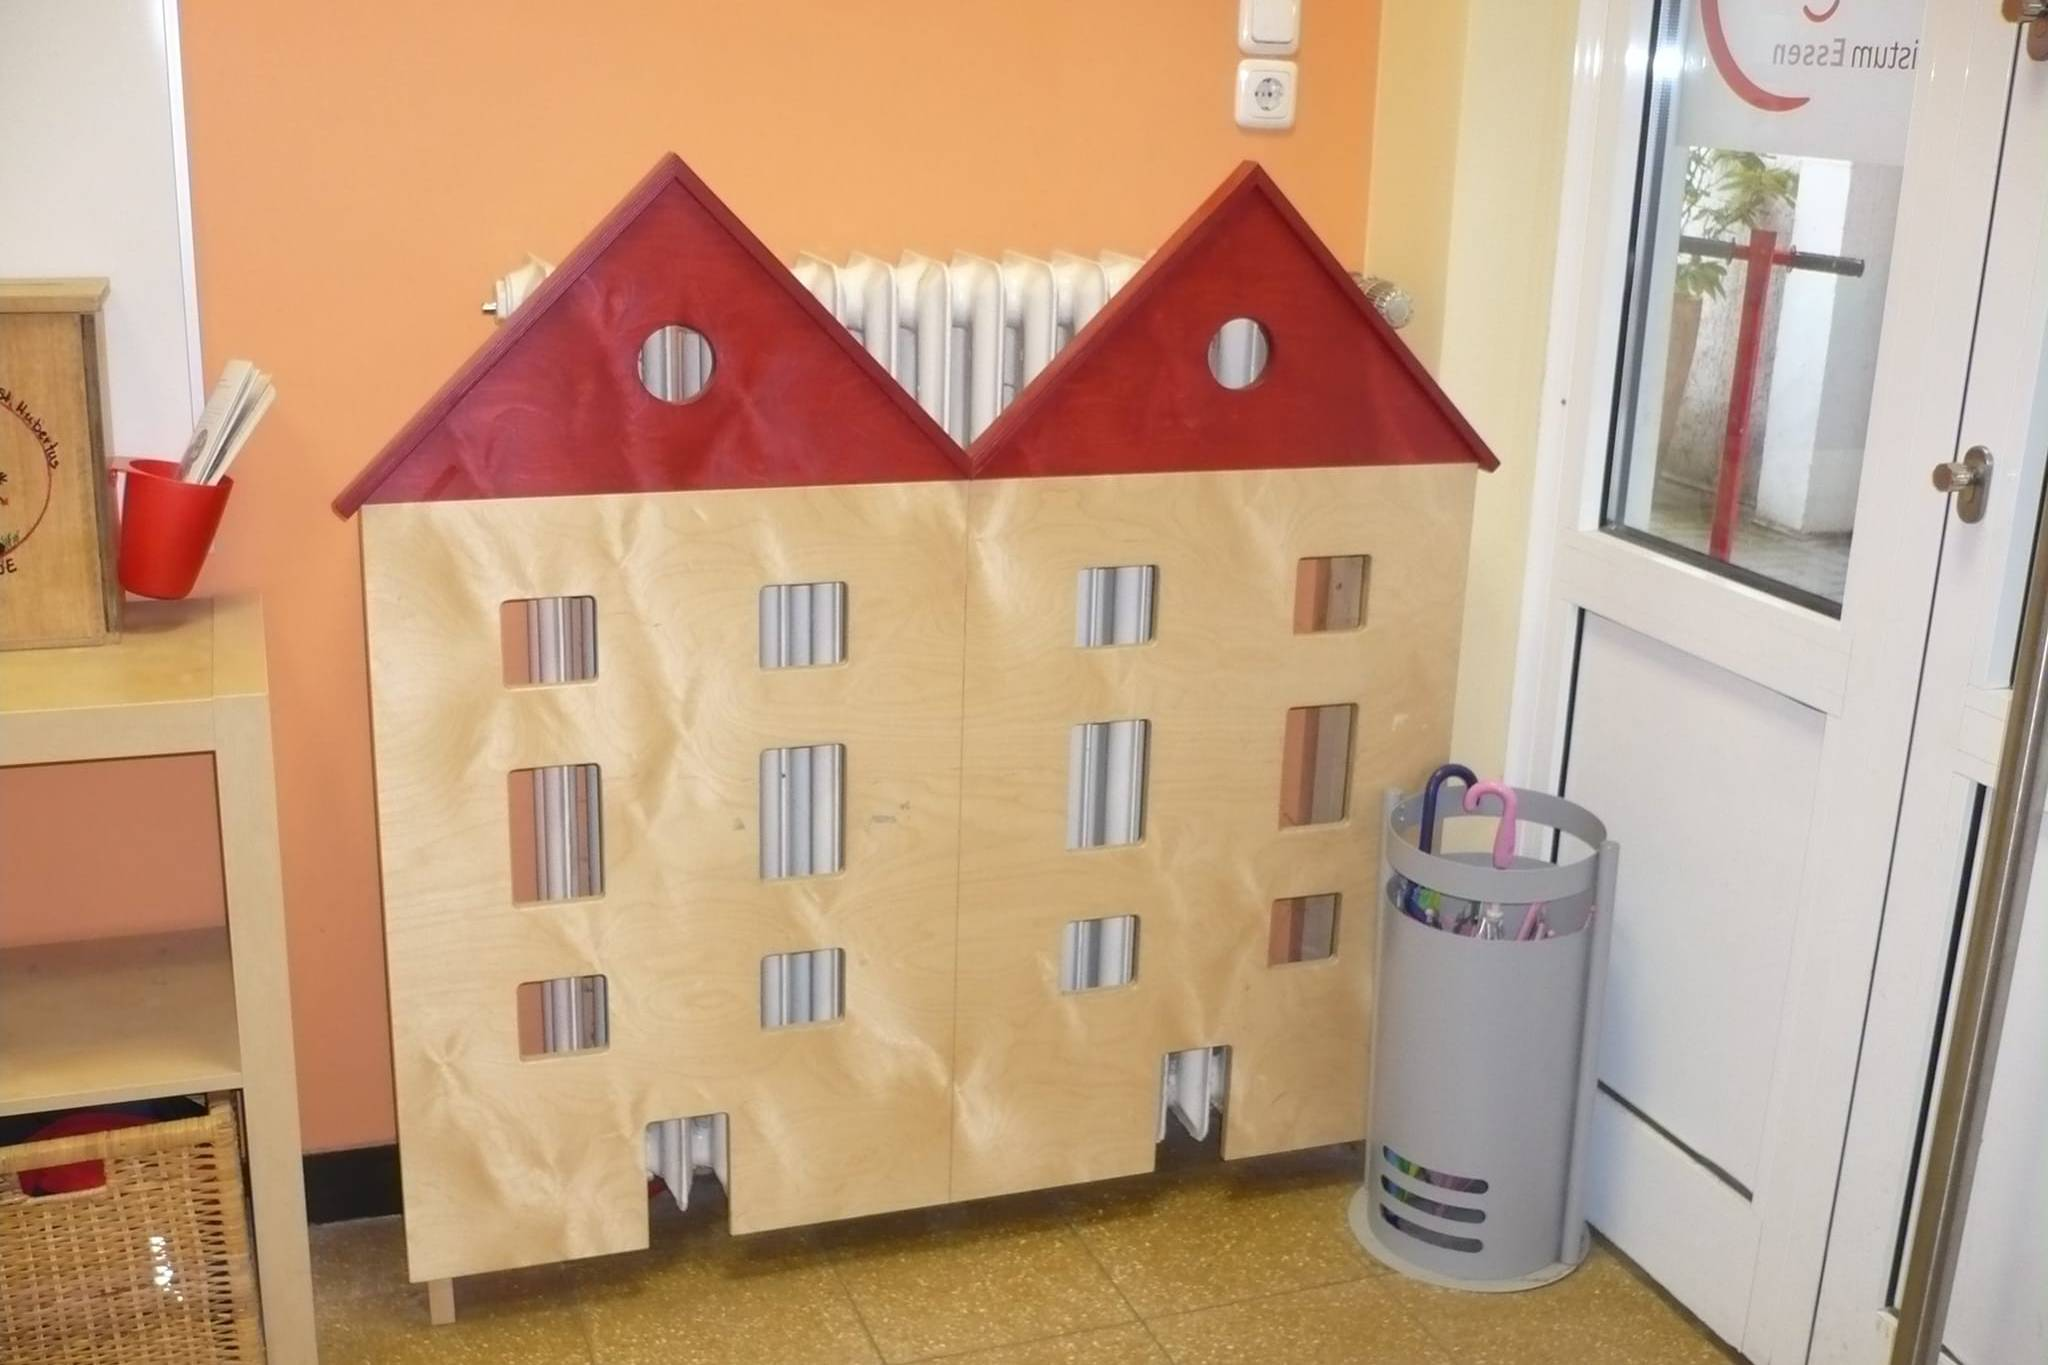 tischlerei-hanses-essen-kindergarten-kindergartenmoebel-kindergartenausstattung-5-1